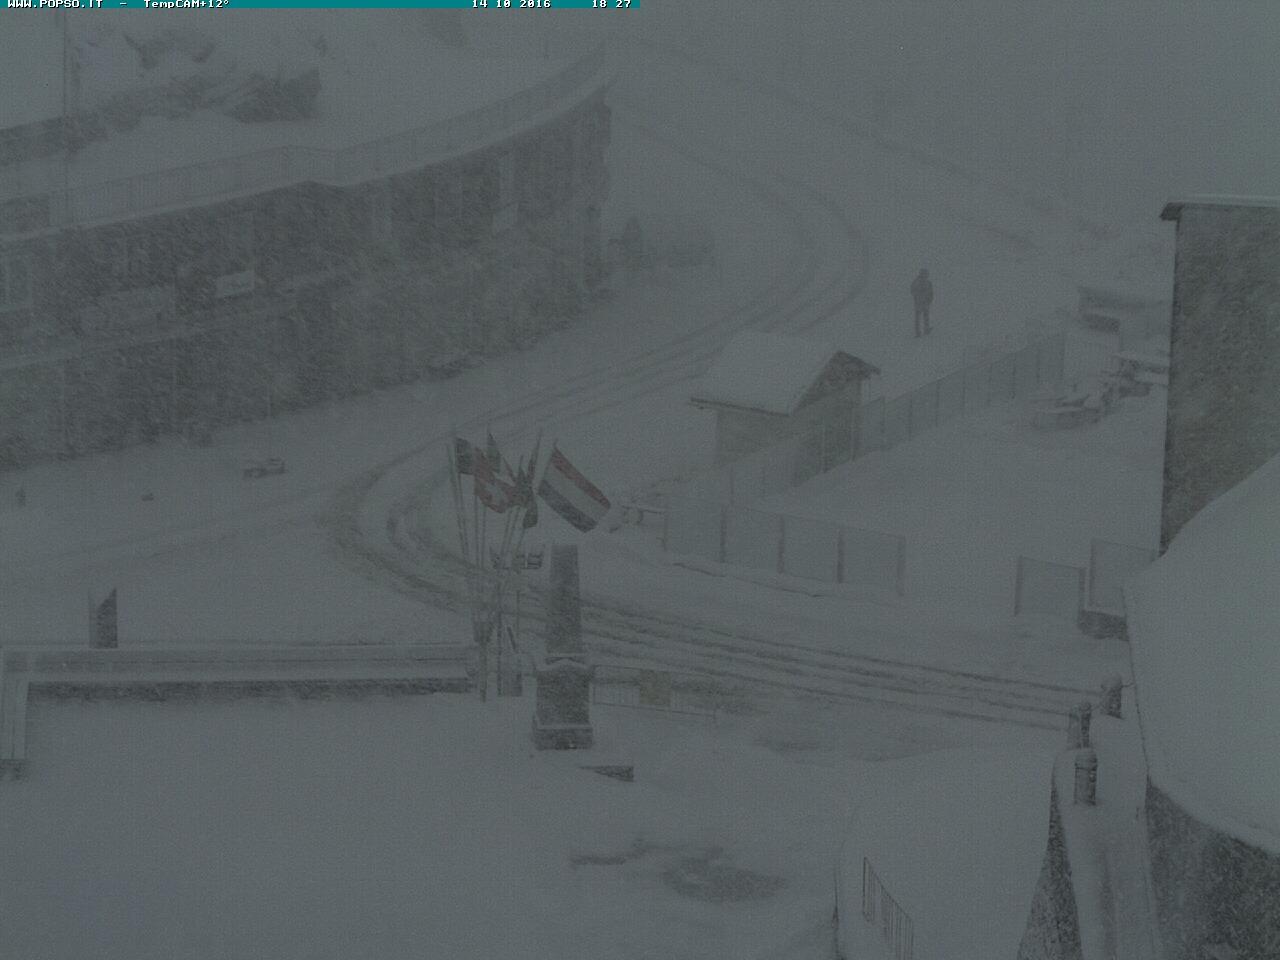 Violentissima bufera di neve in atto sul Passo dello Stelvio: le immagini in diretta streaming [LIVE]